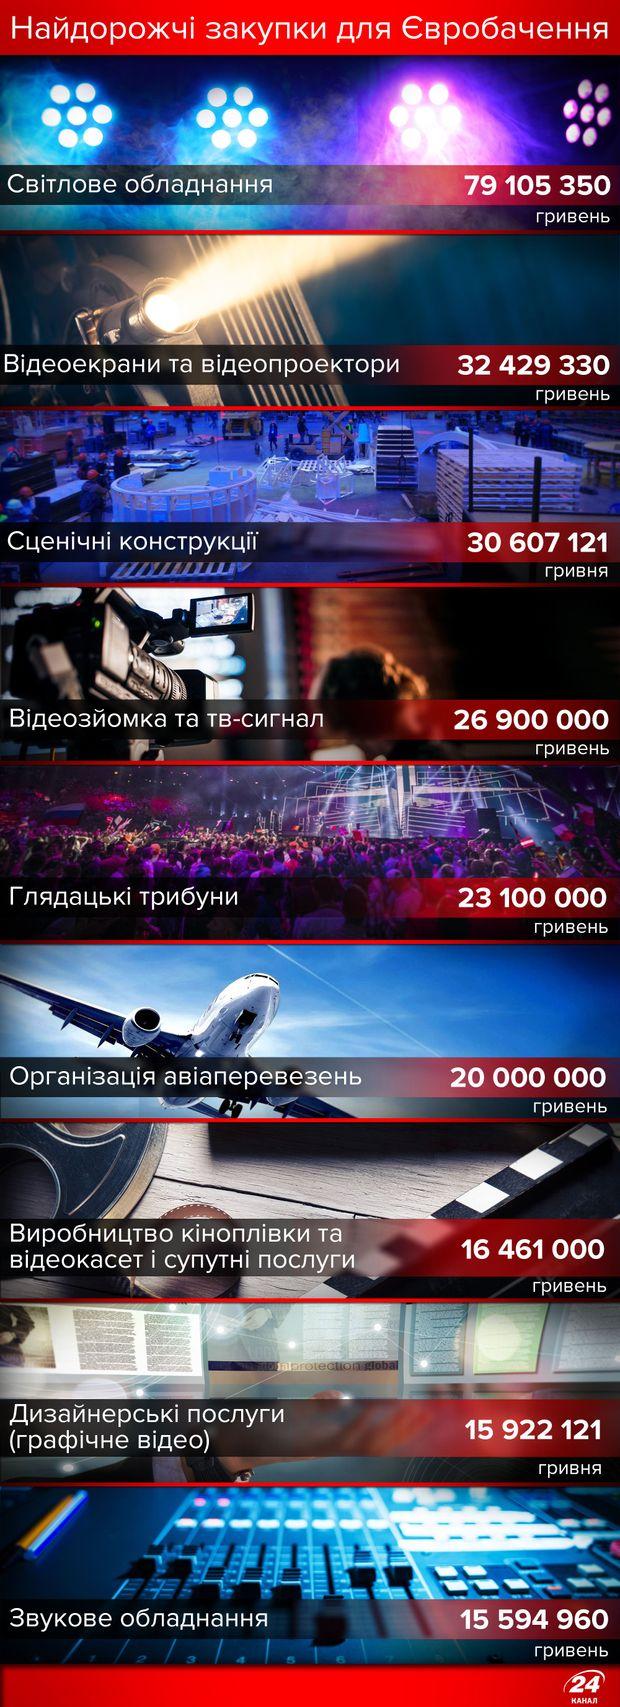 Євробачення-2017: скільки коштувало технічне обладнання